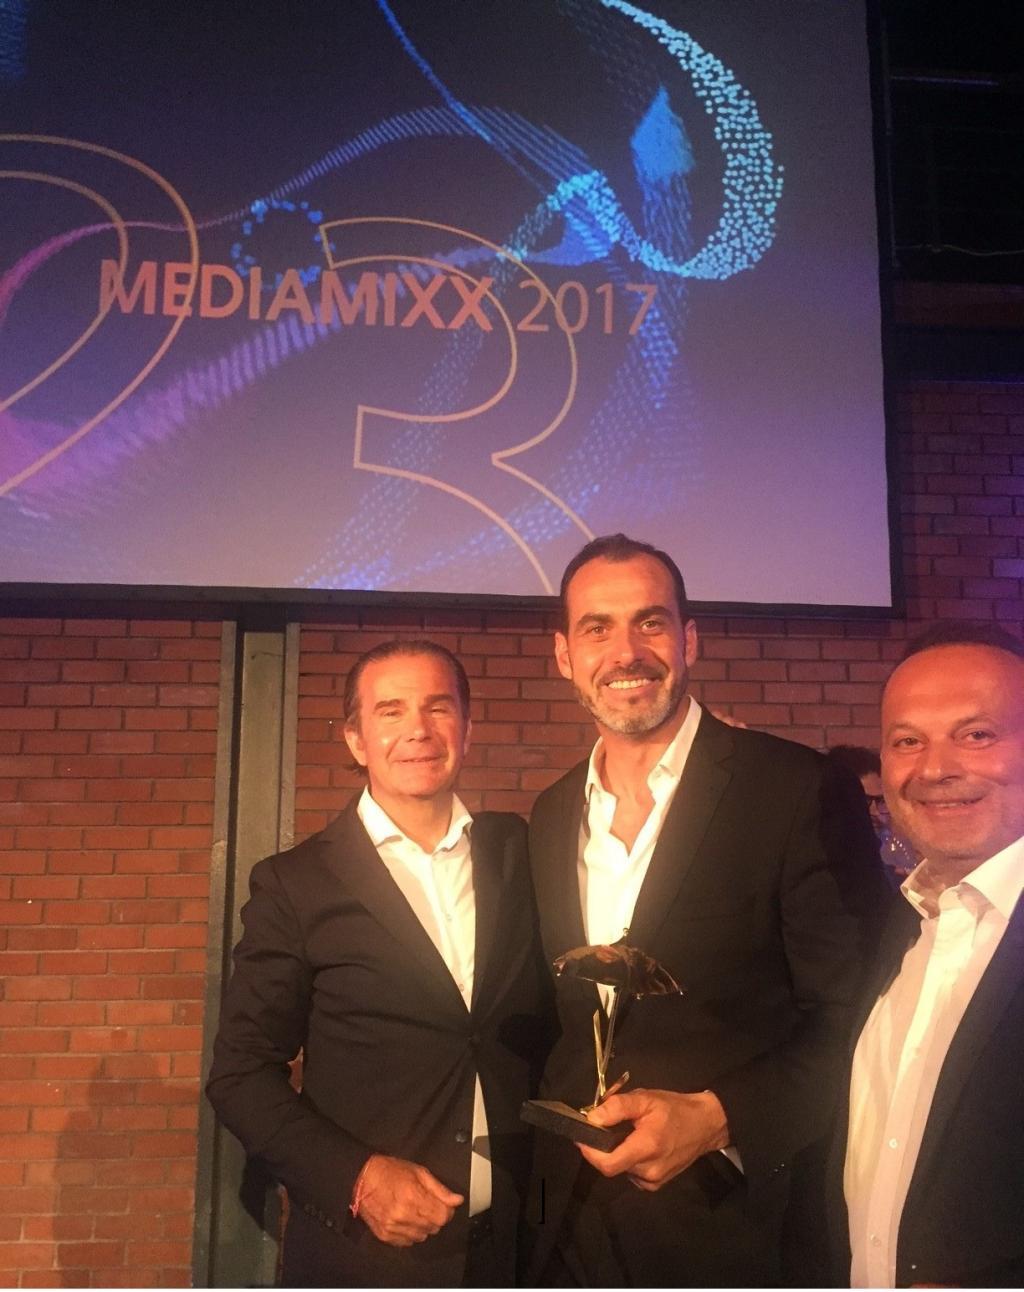 Remise prix Mediamixx 2017